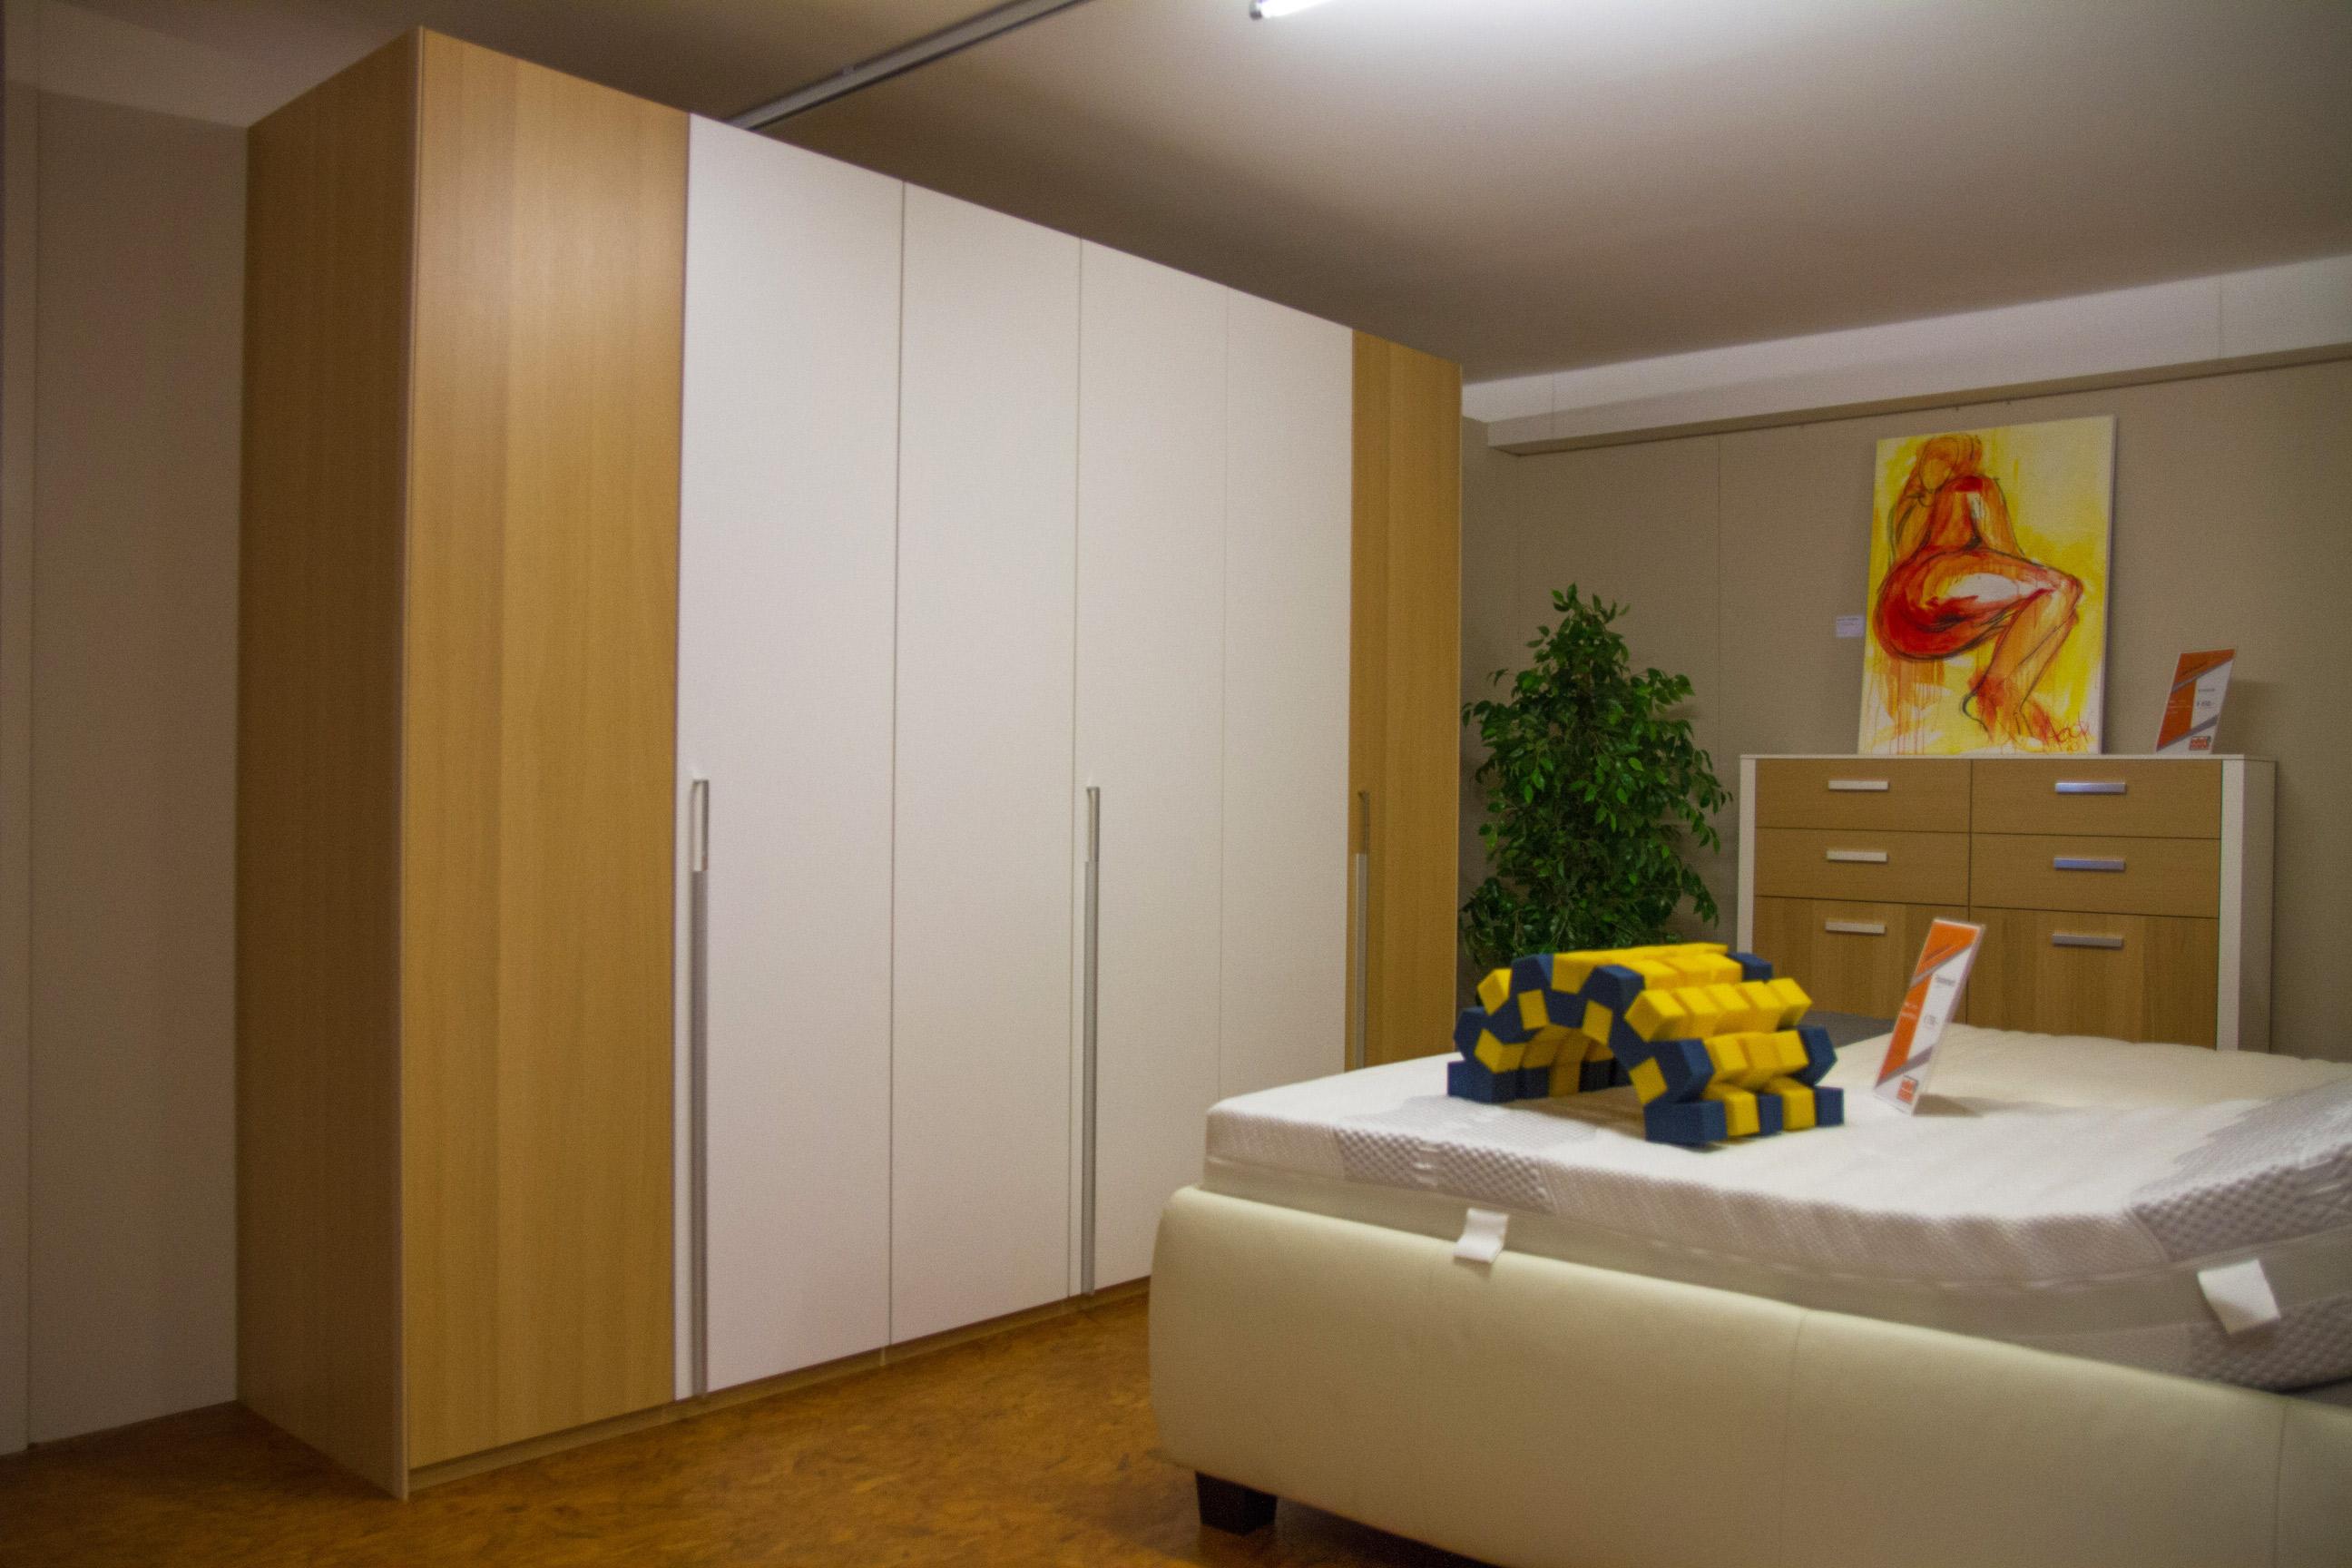 schn ppchenmarkt kleiderschrank 6 t rig tischlerei edelmann. Black Bedroom Furniture Sets. Home Design Ideas